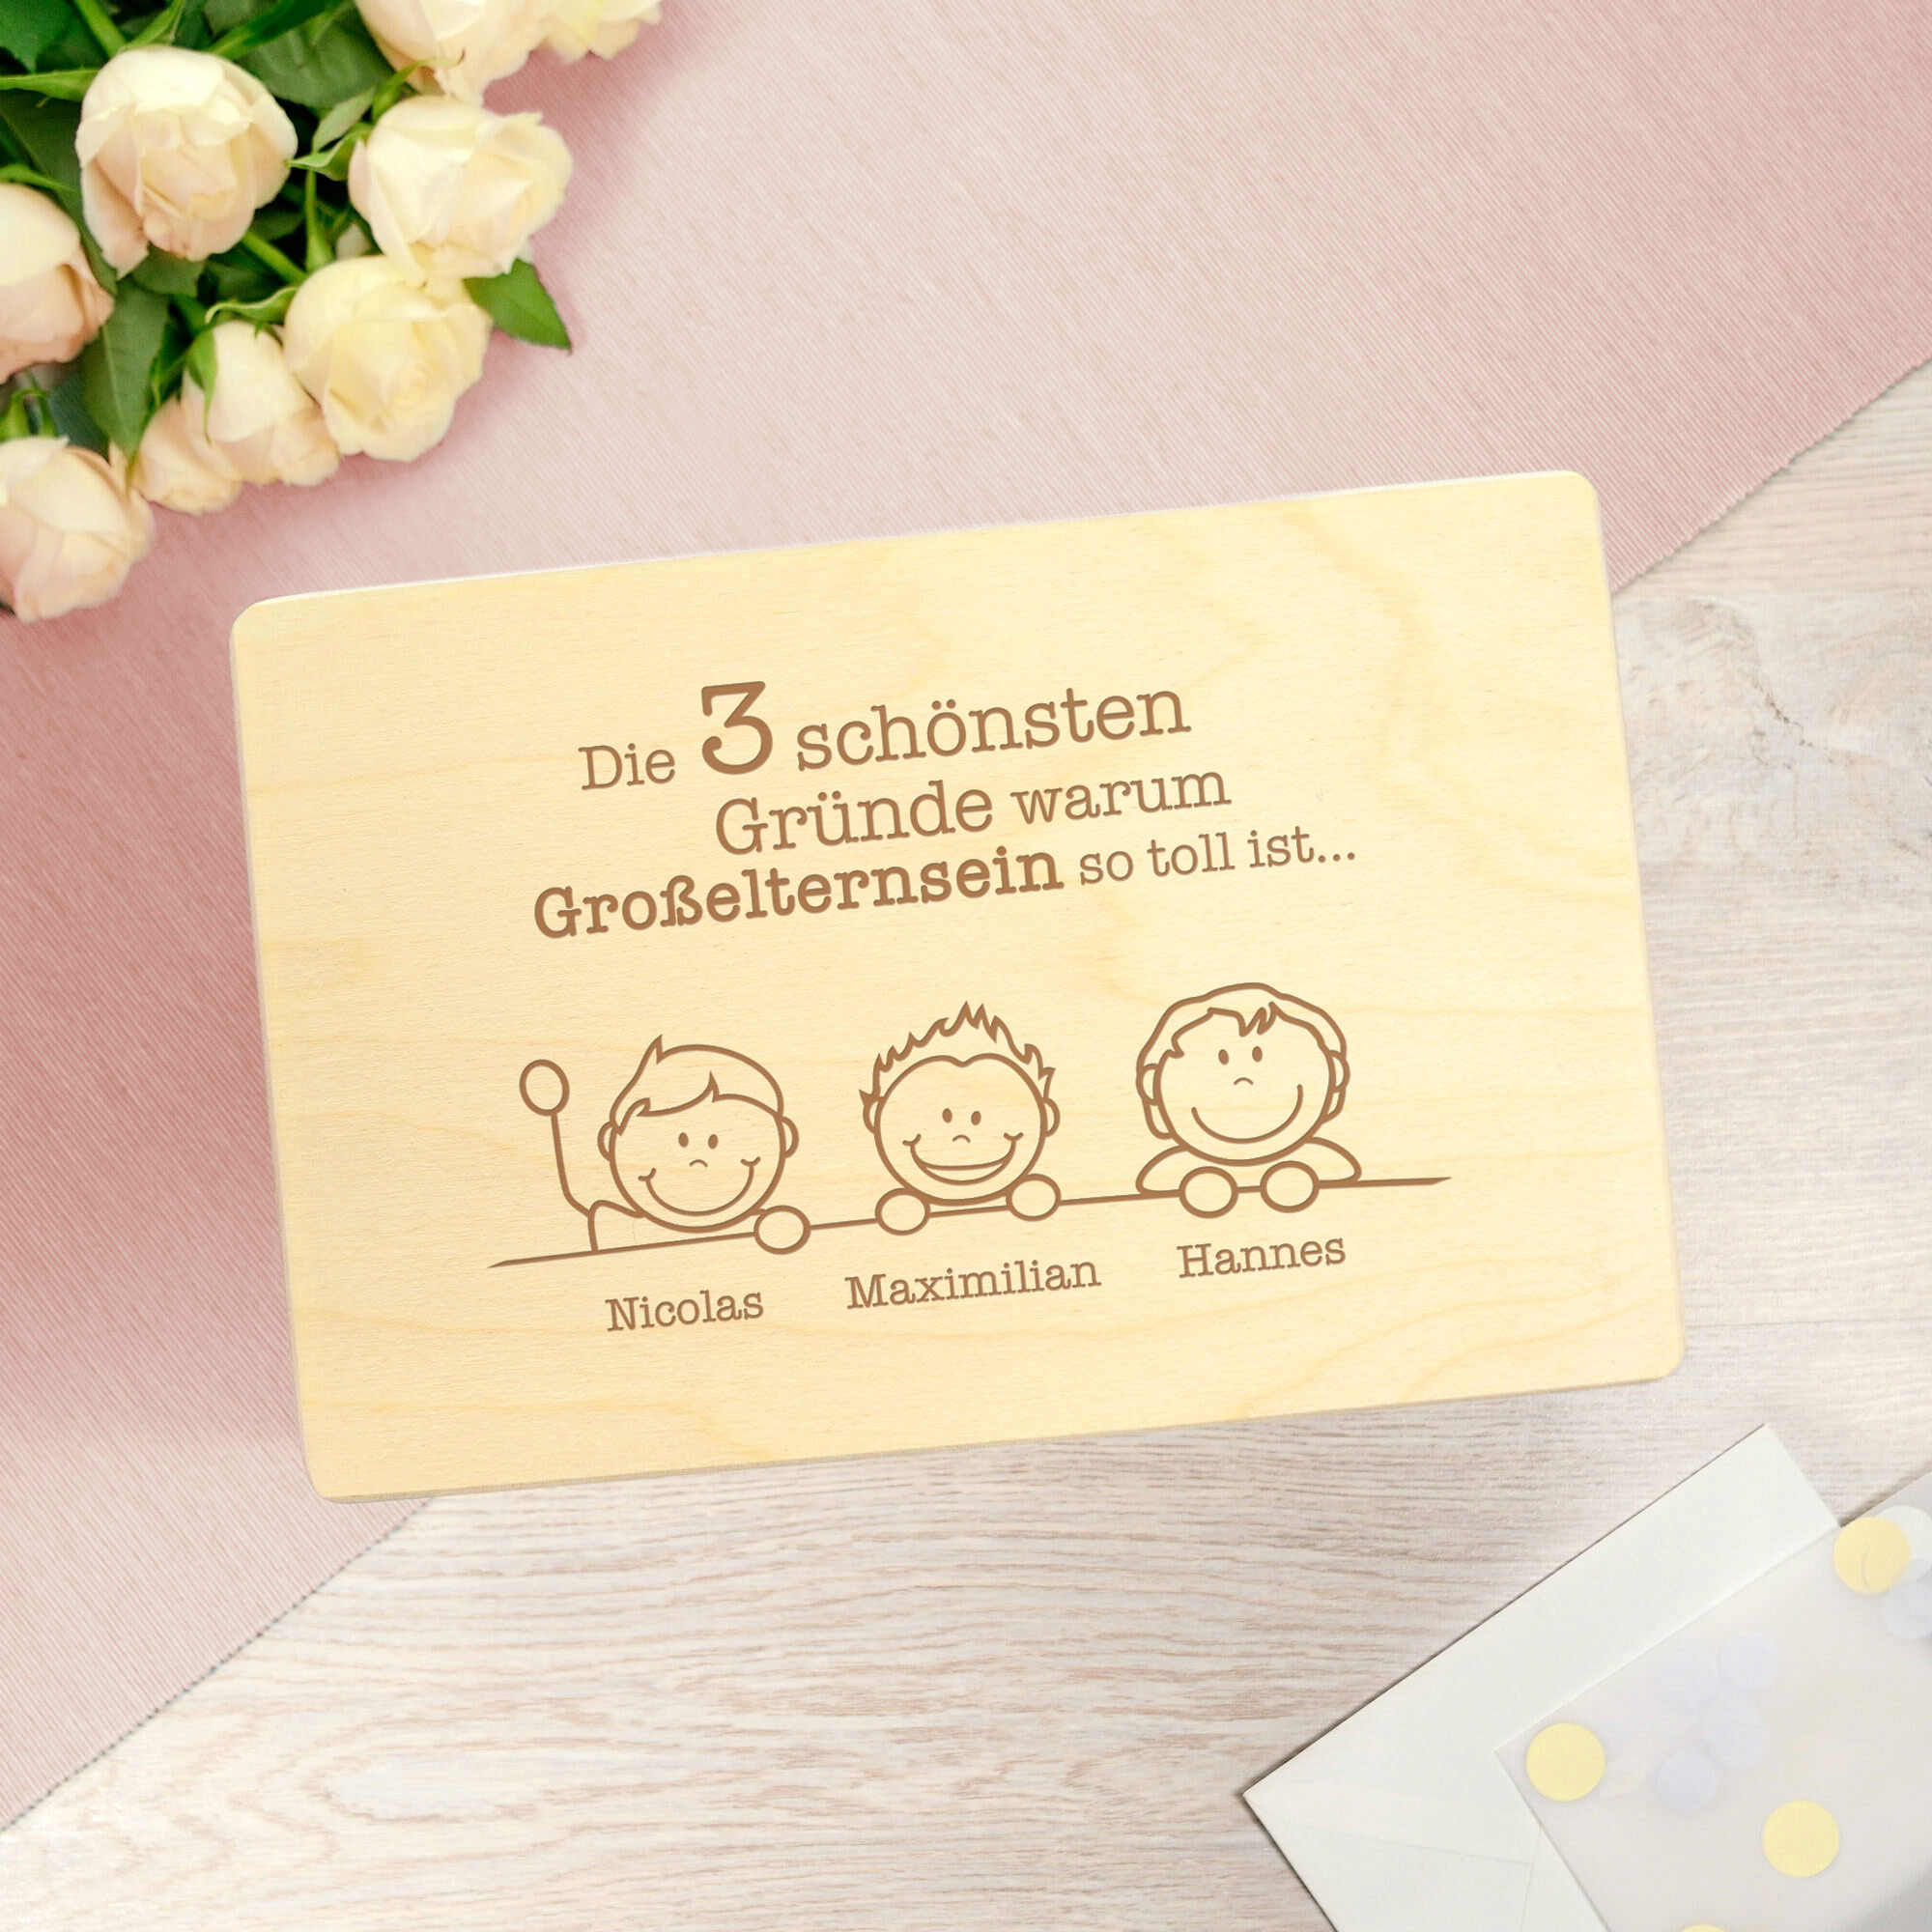 Personalisierte Erinnerungsbox mit Namen - Großelternsein